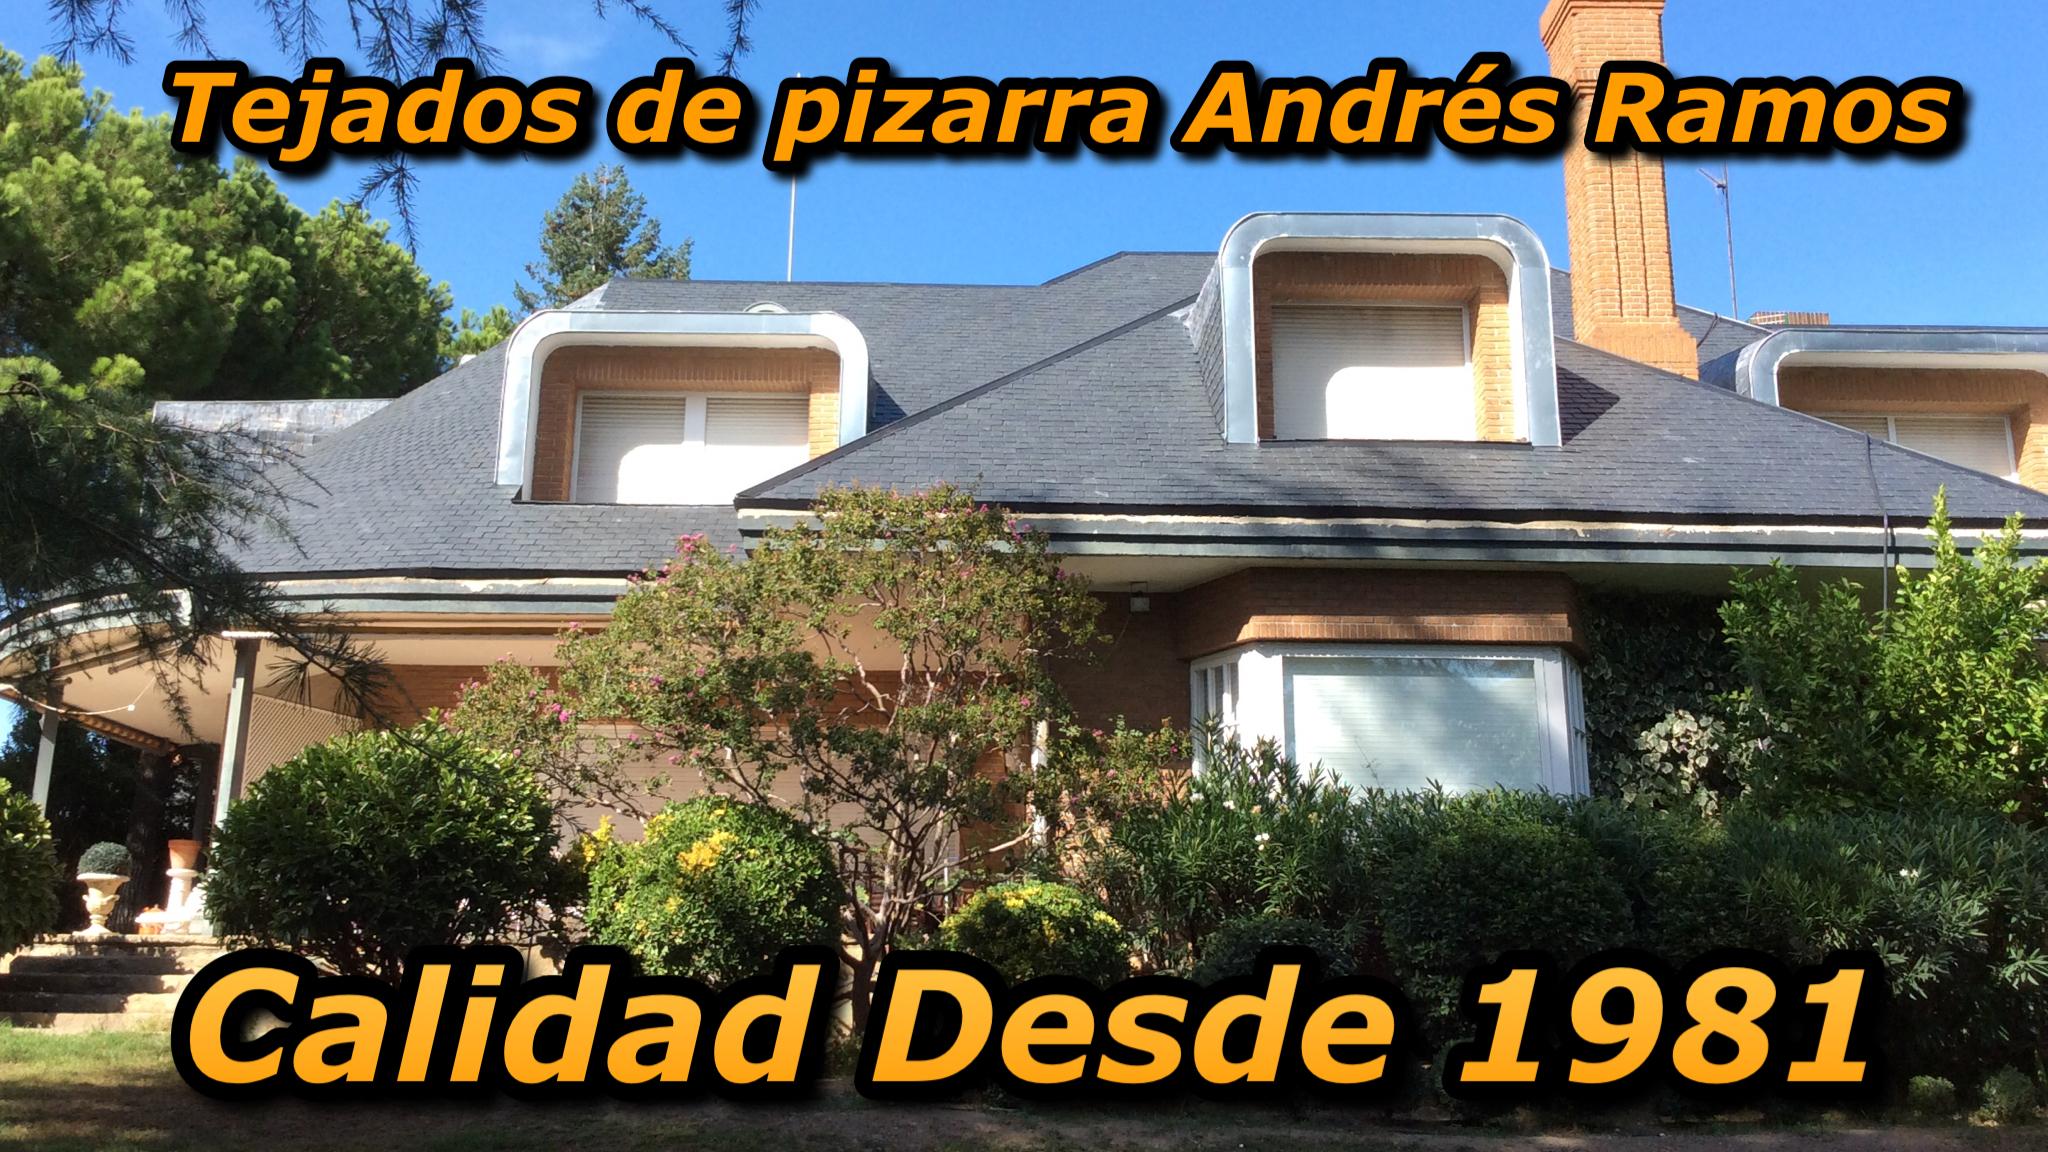 Cuanto cuesta un tejado de pizarra andr s ramos for Cuanto vale un toldo